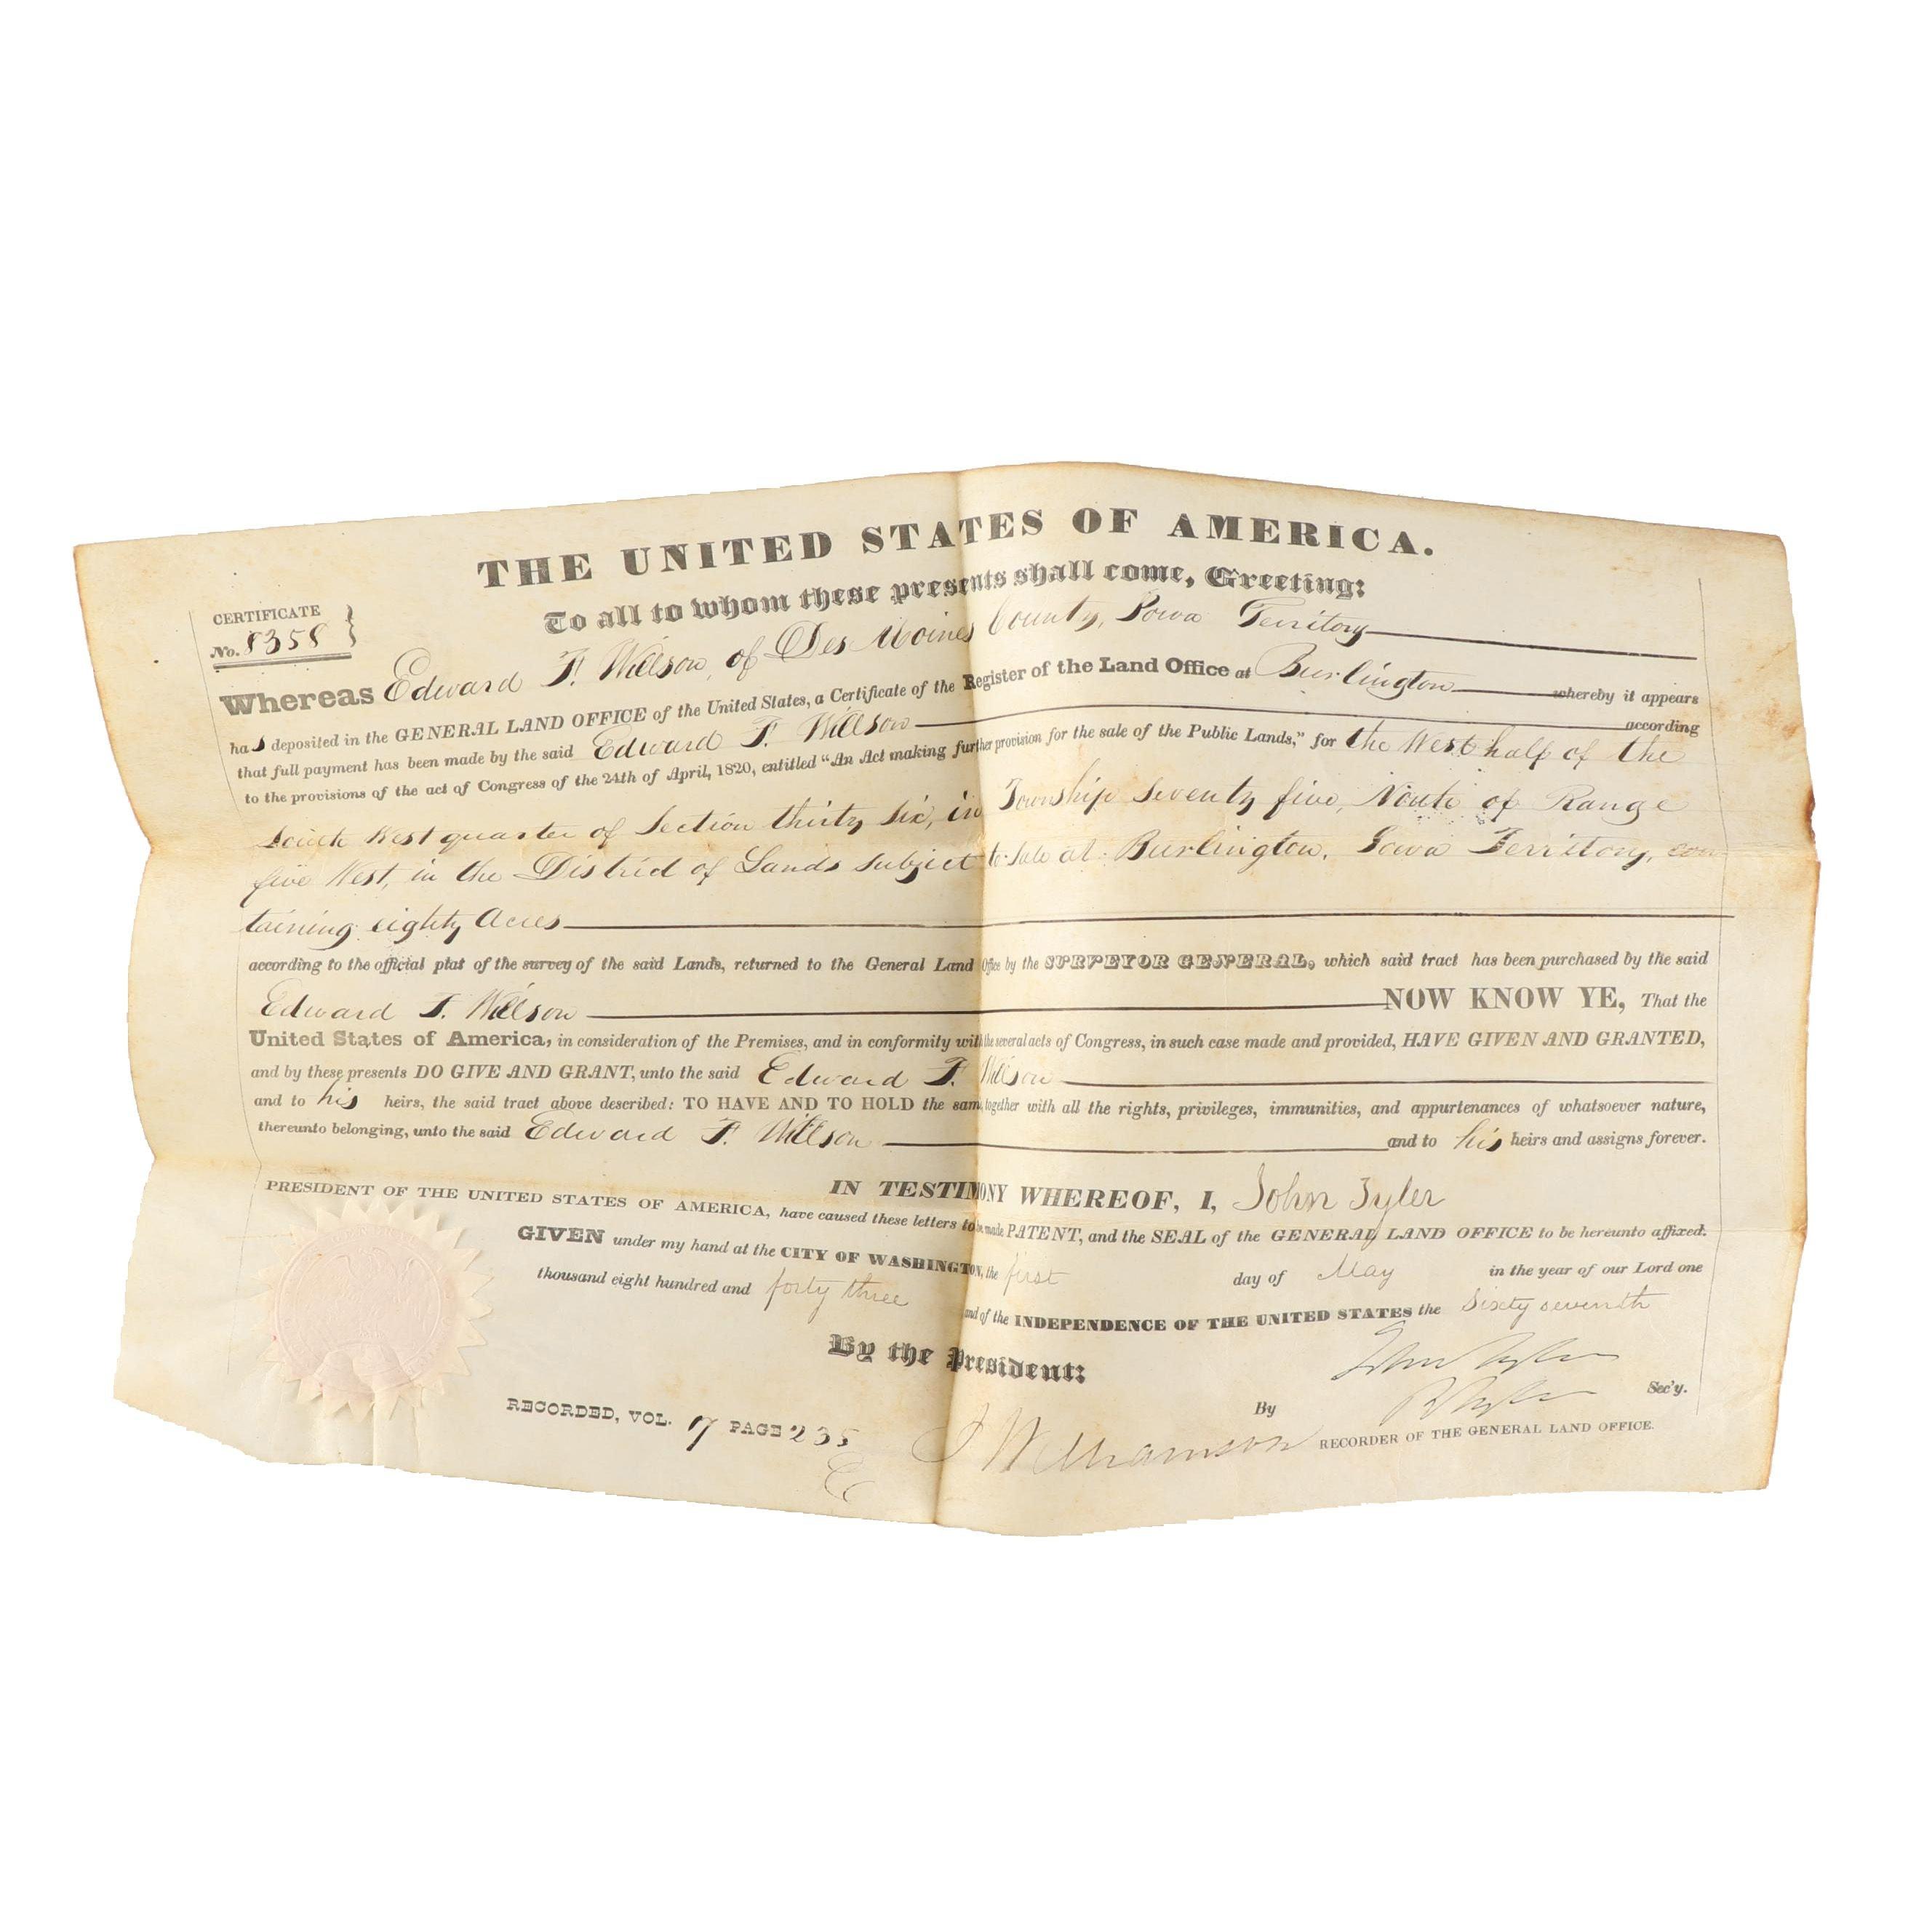 1843 Land Grant Signed by Secretary for President John Tyler